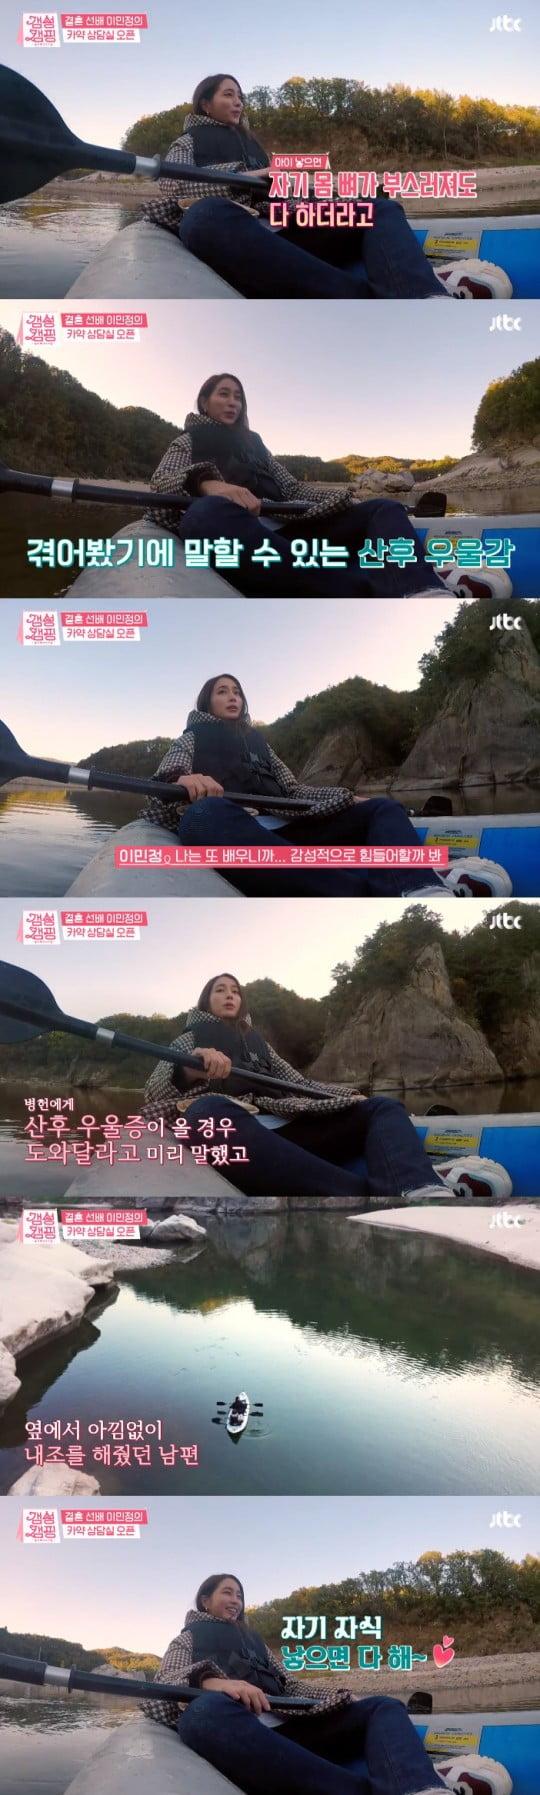 이민정/사진= JTBC '갬성캠핑'